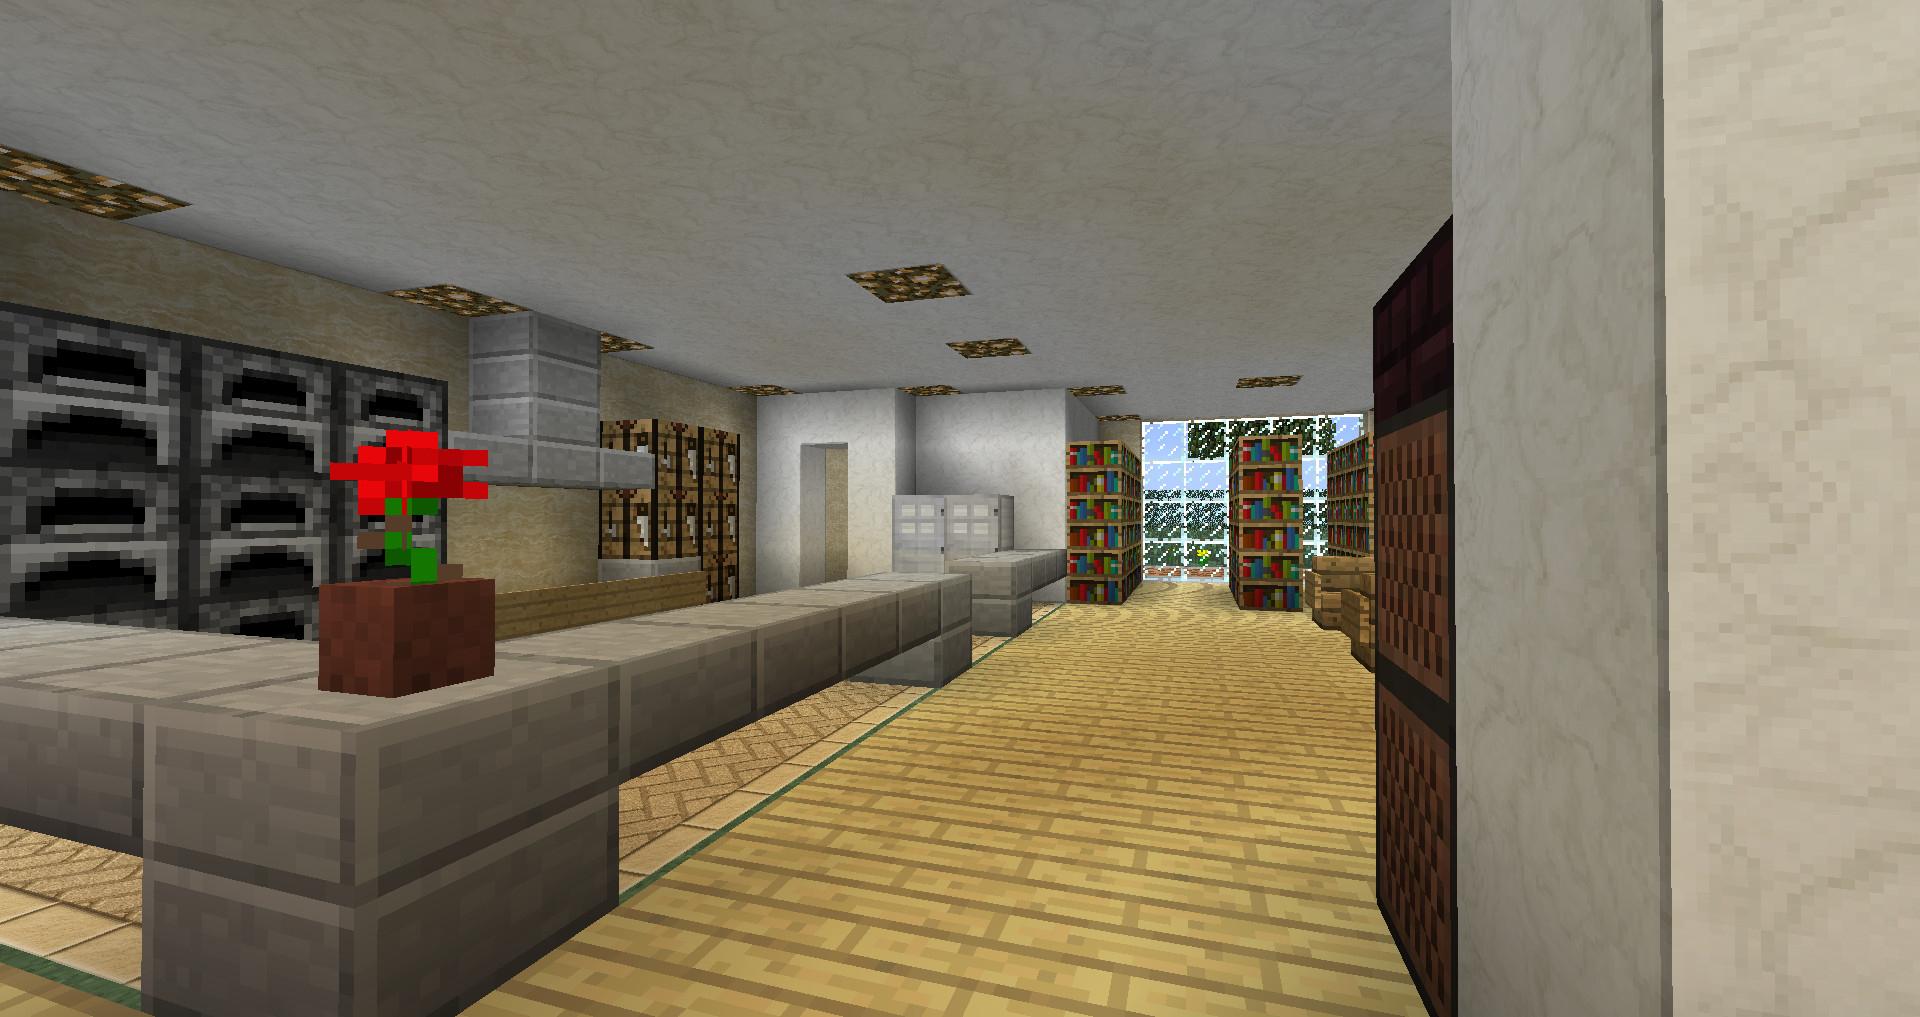 72 Élégant Photographie De Salle De Bain Moderne Minecraft ...